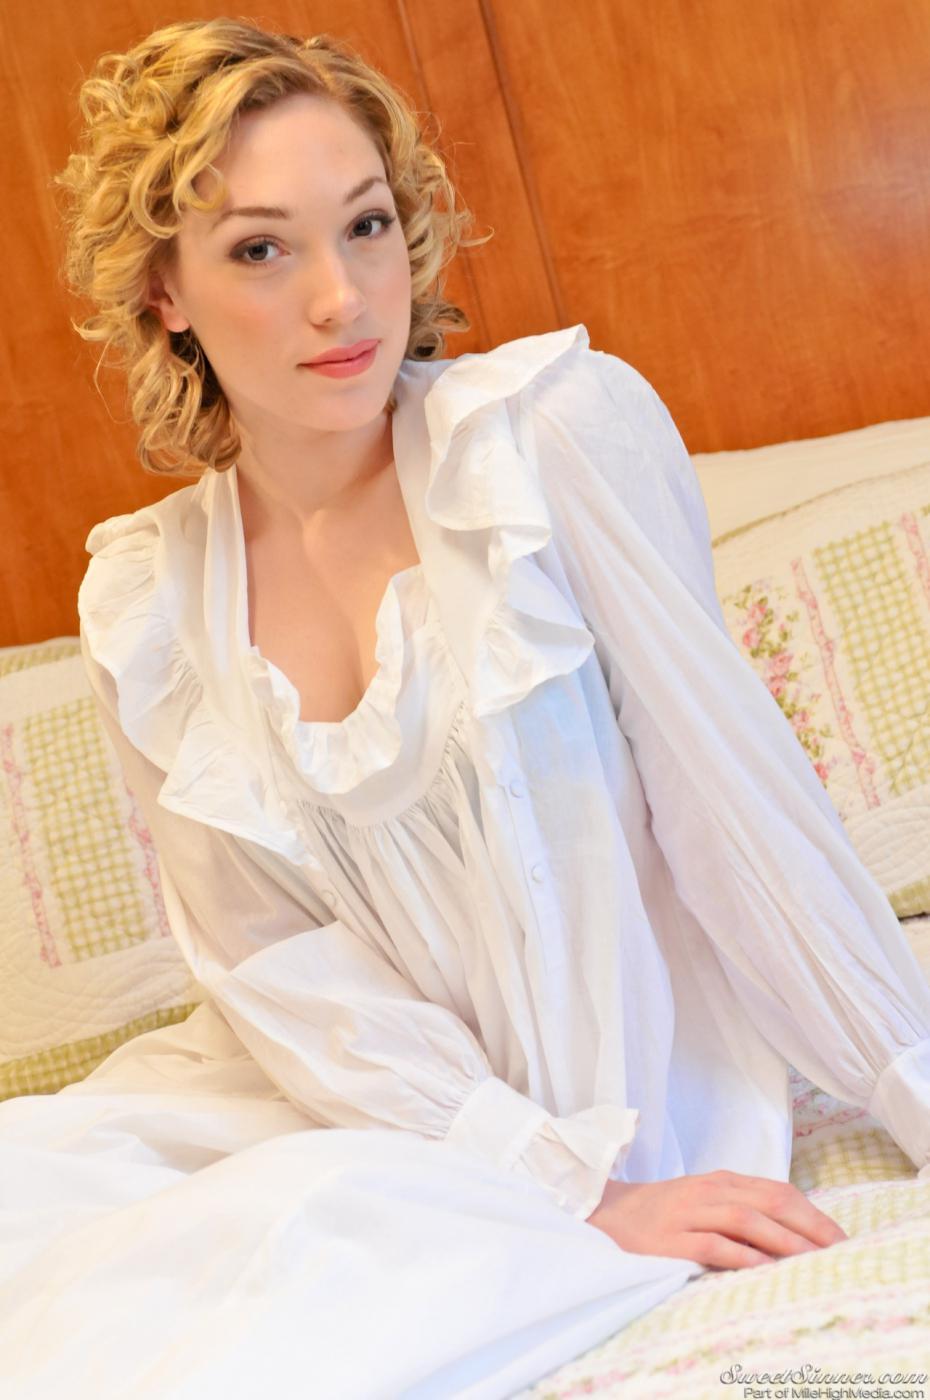 Блондинка Lily Labeau готова показать свое нижнее белье